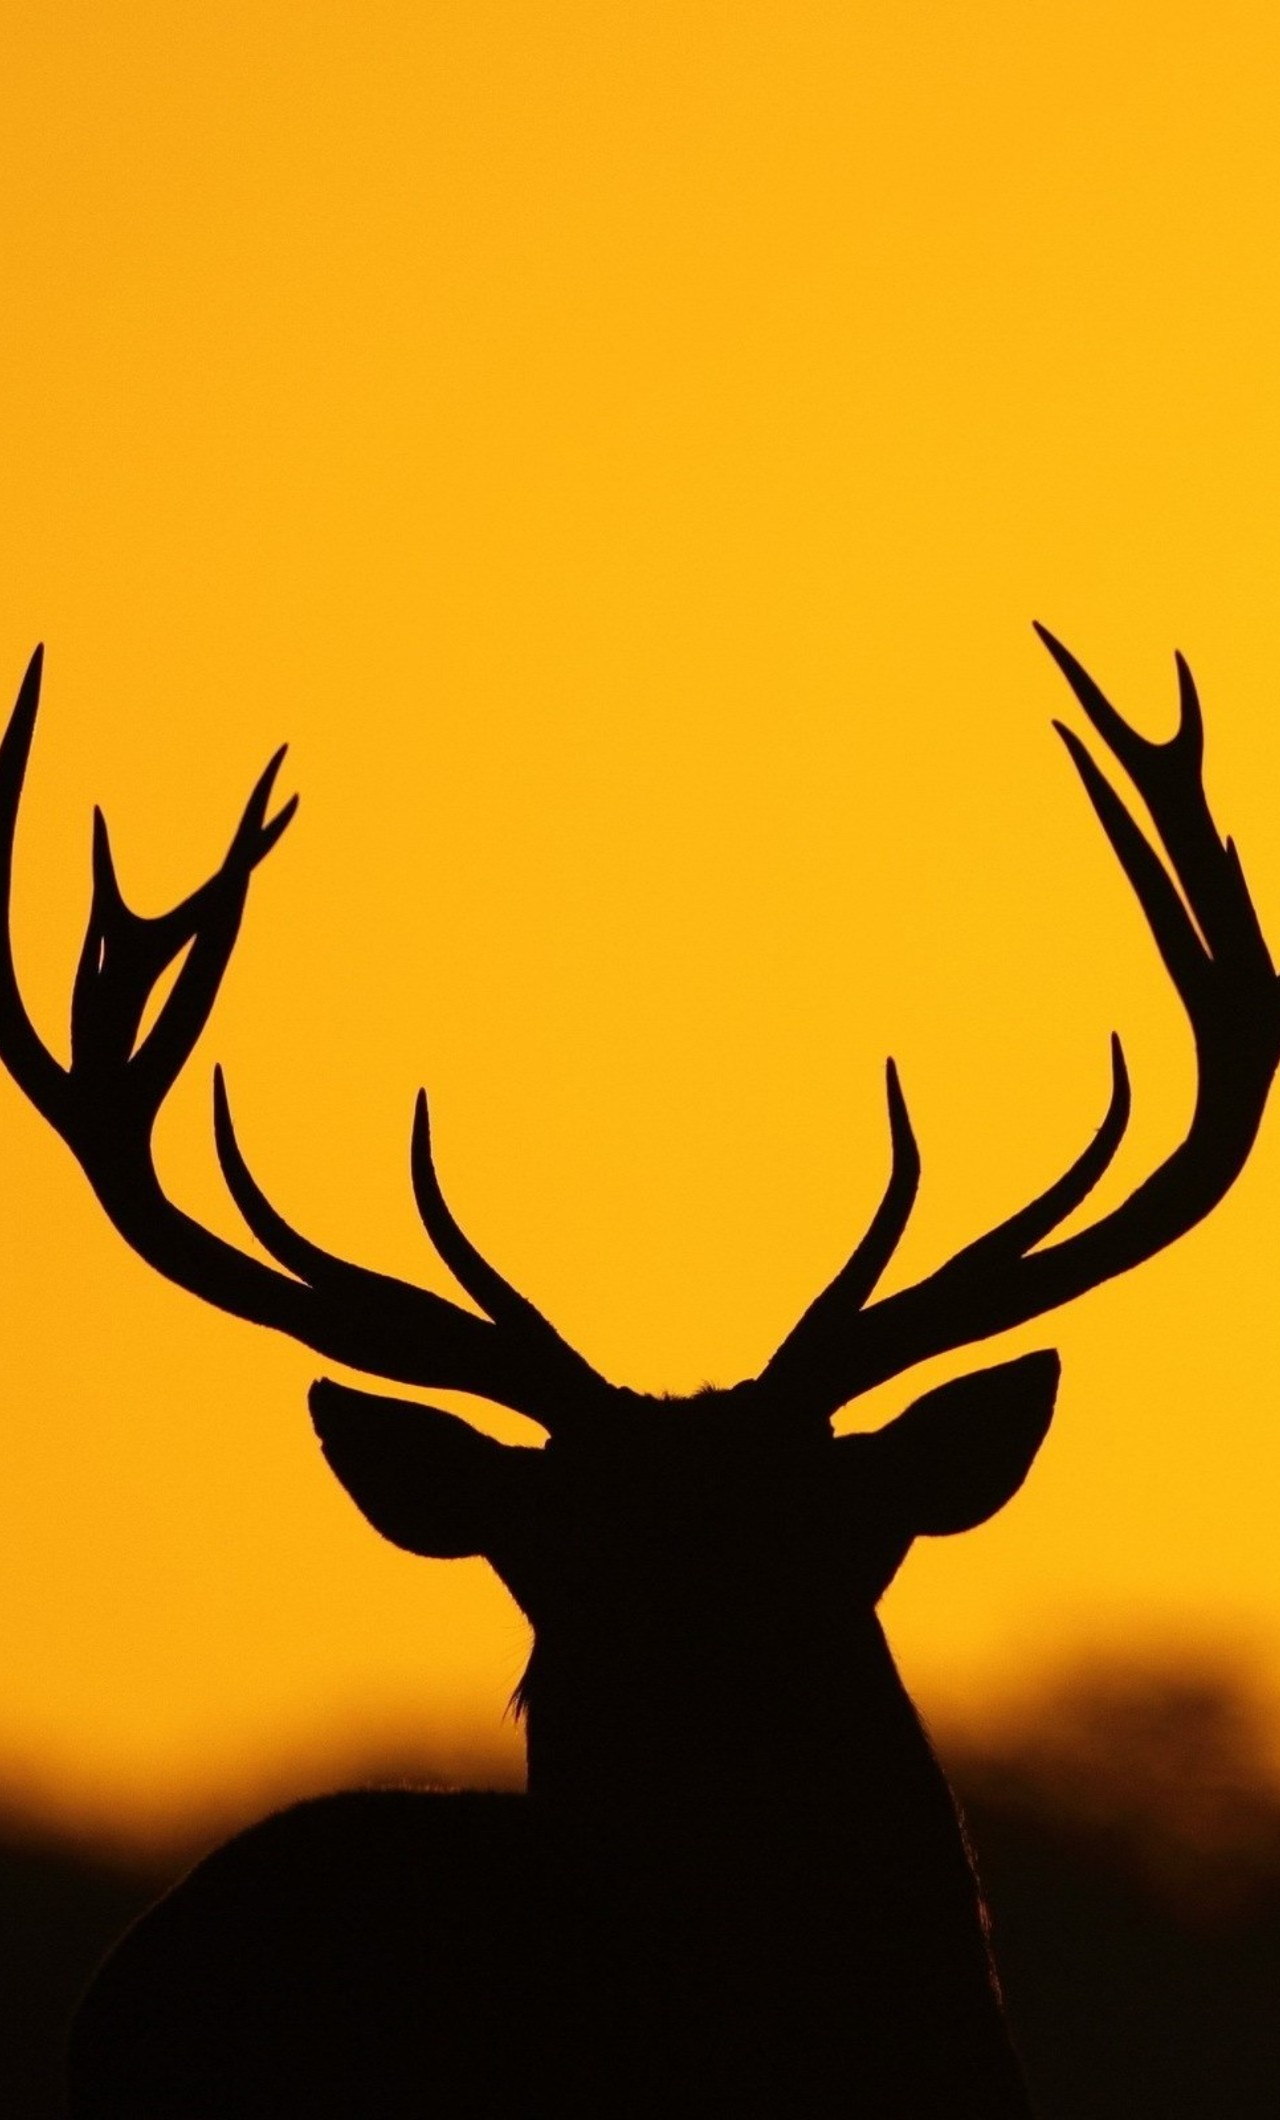 Deer Horn Silhouette